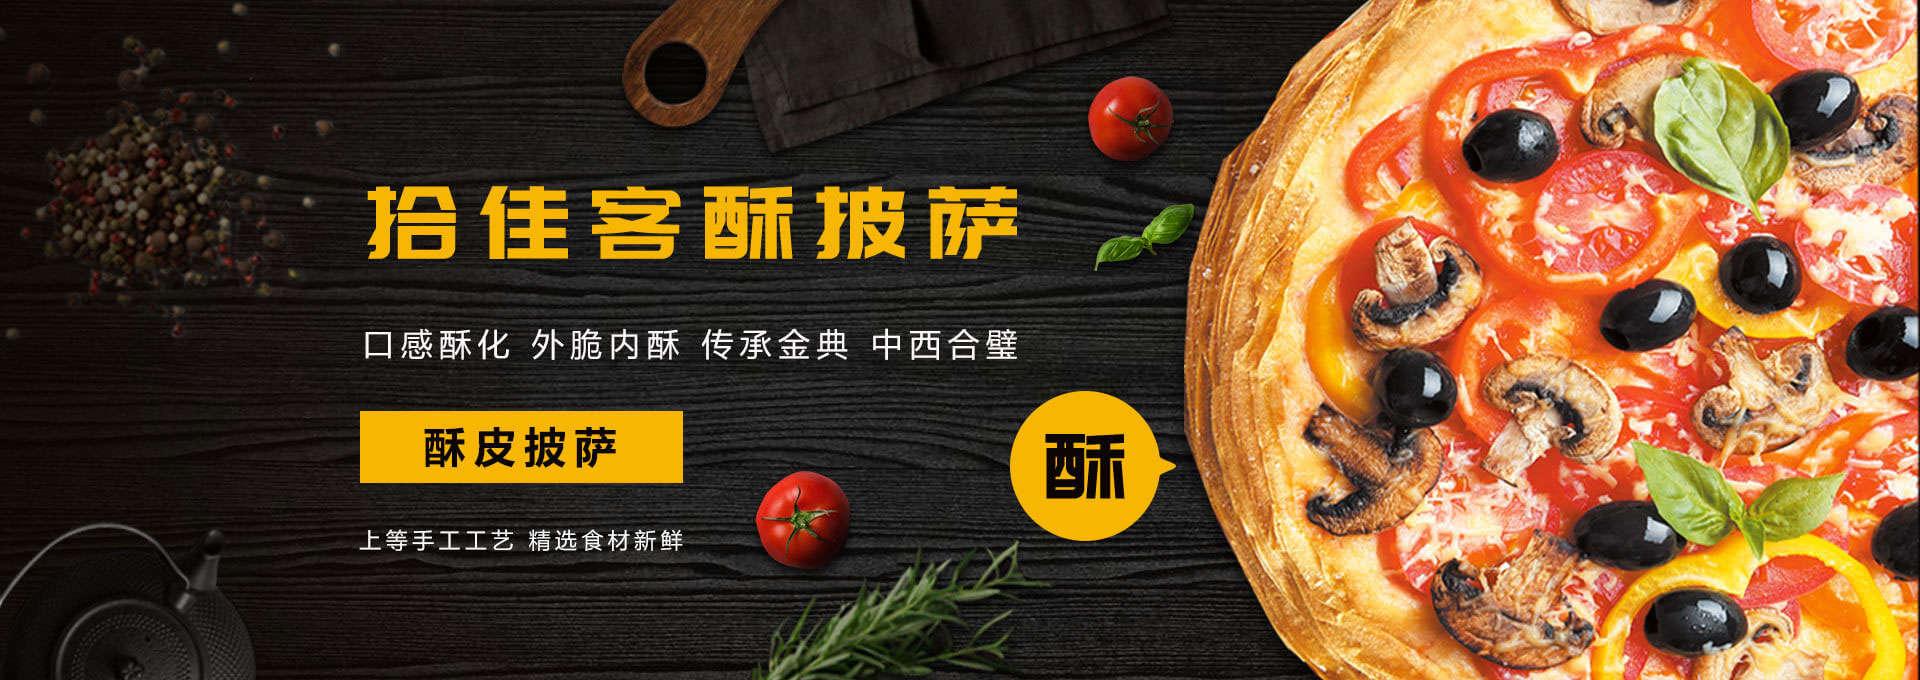 拾佳客酥披萨创业项目_昌启餐饮披萨汉堡加盟